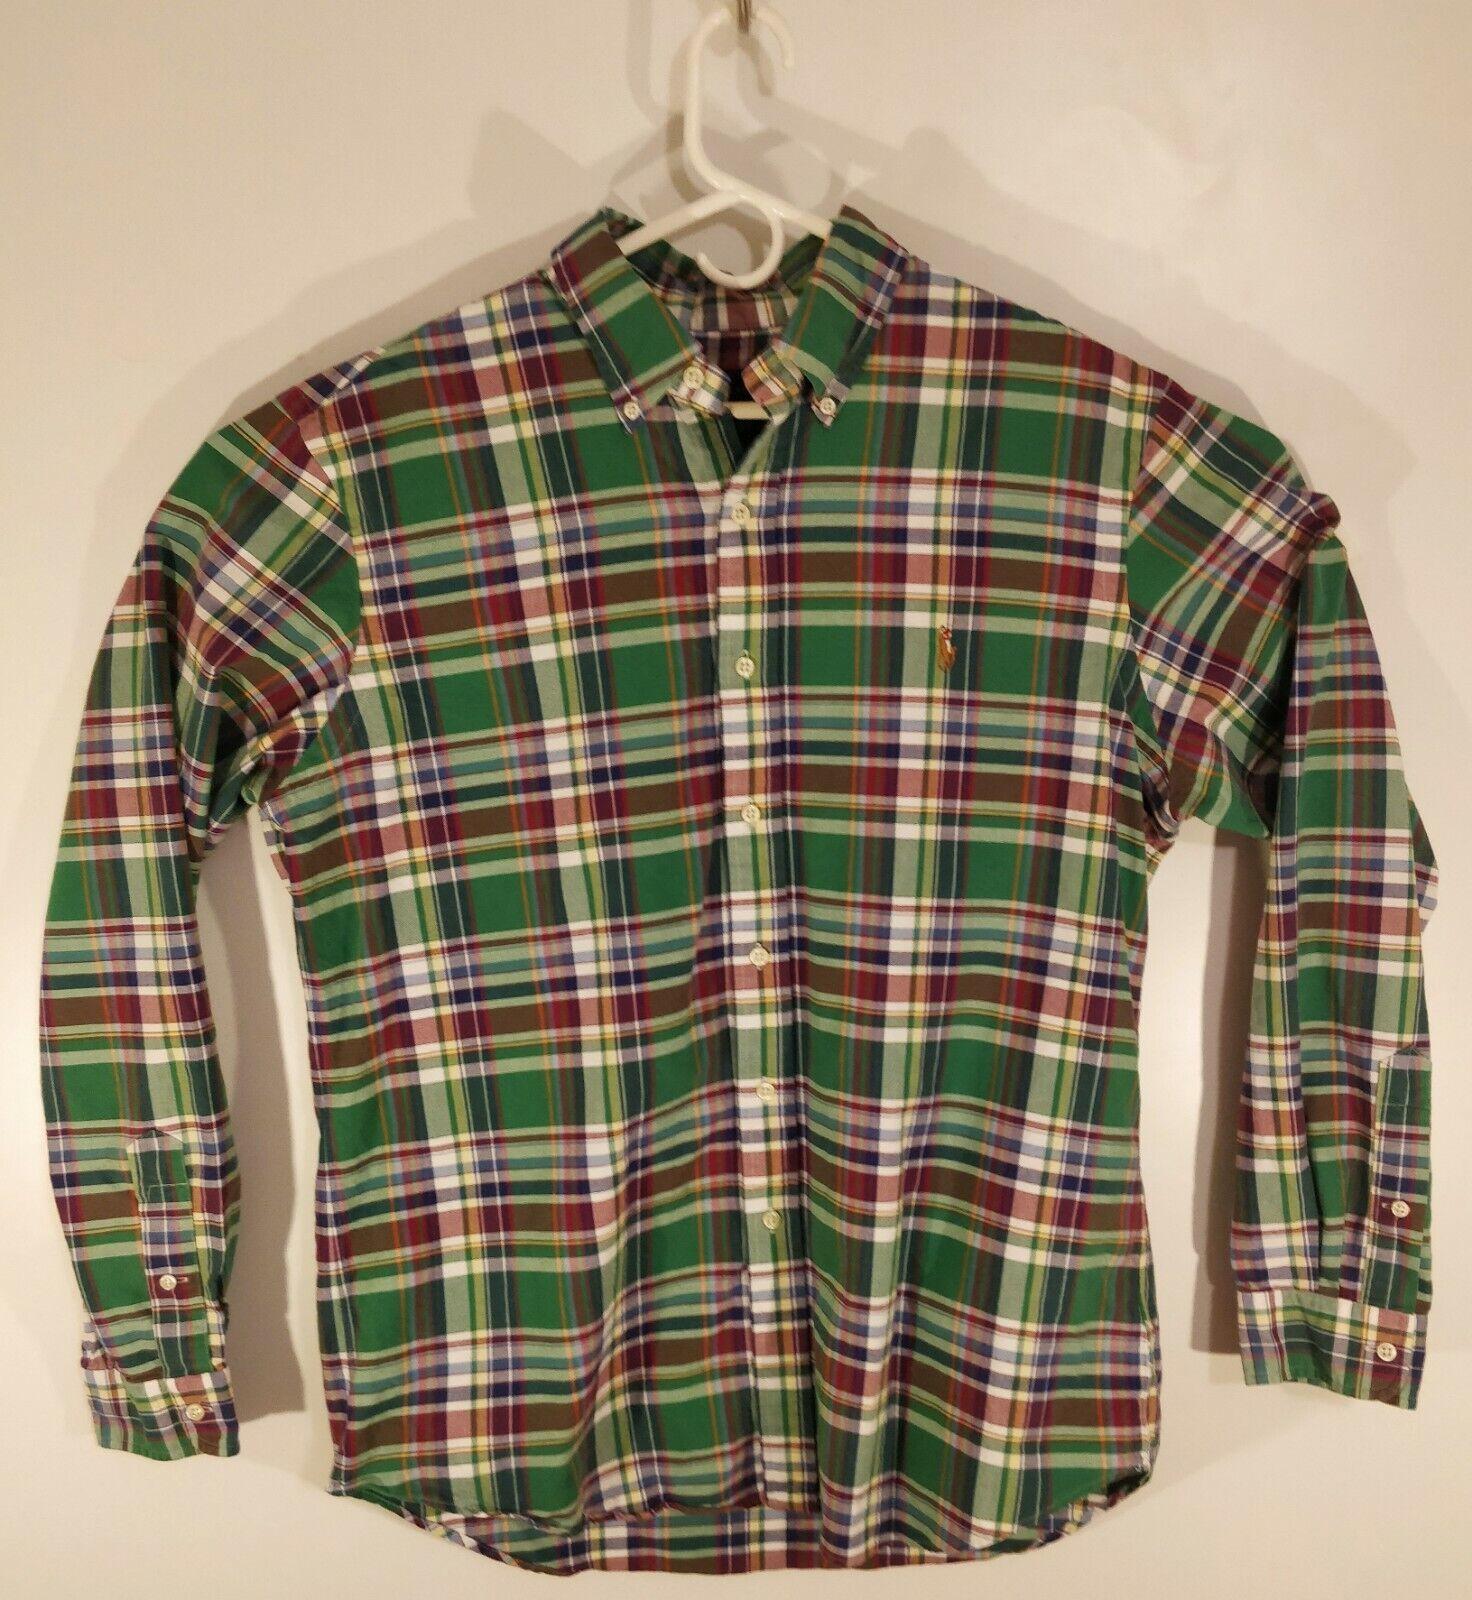 Ralph Lauren bluee Label Men's Large L S Multicolord Plaid Button Down Shirt